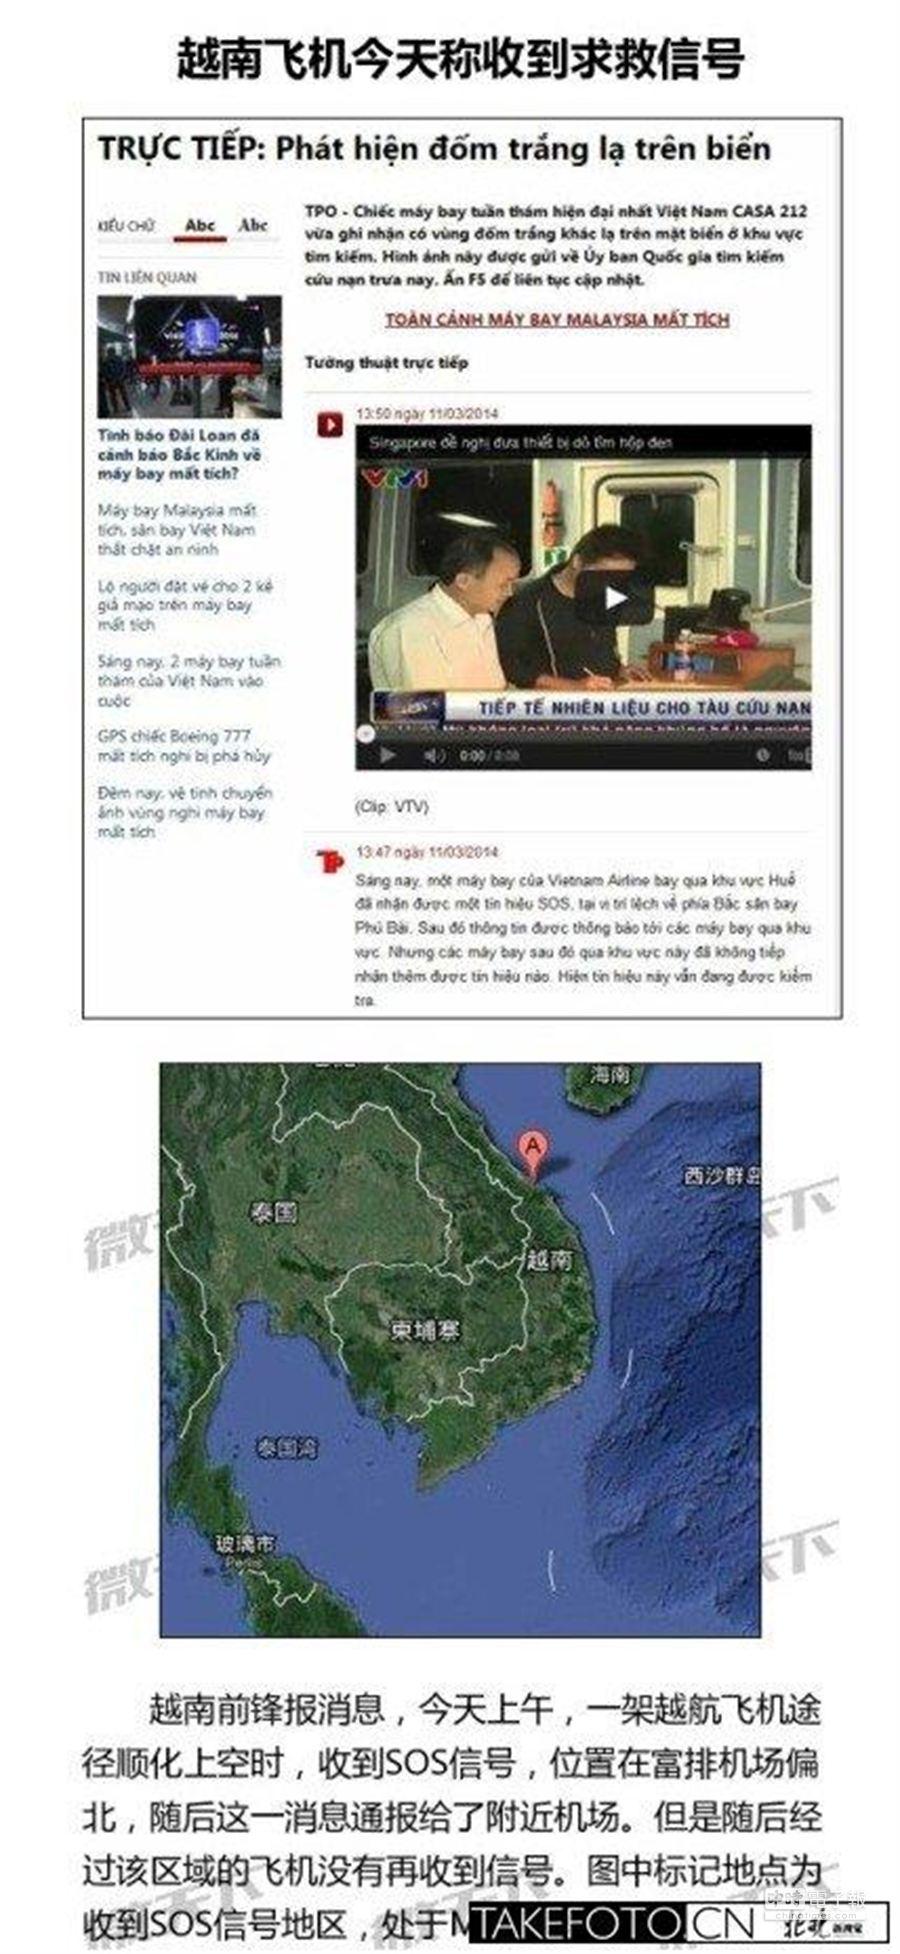 圖中標記地點為收到SOS信號地區,處於MH370飛北京的航線上。(摘自騰訊網)